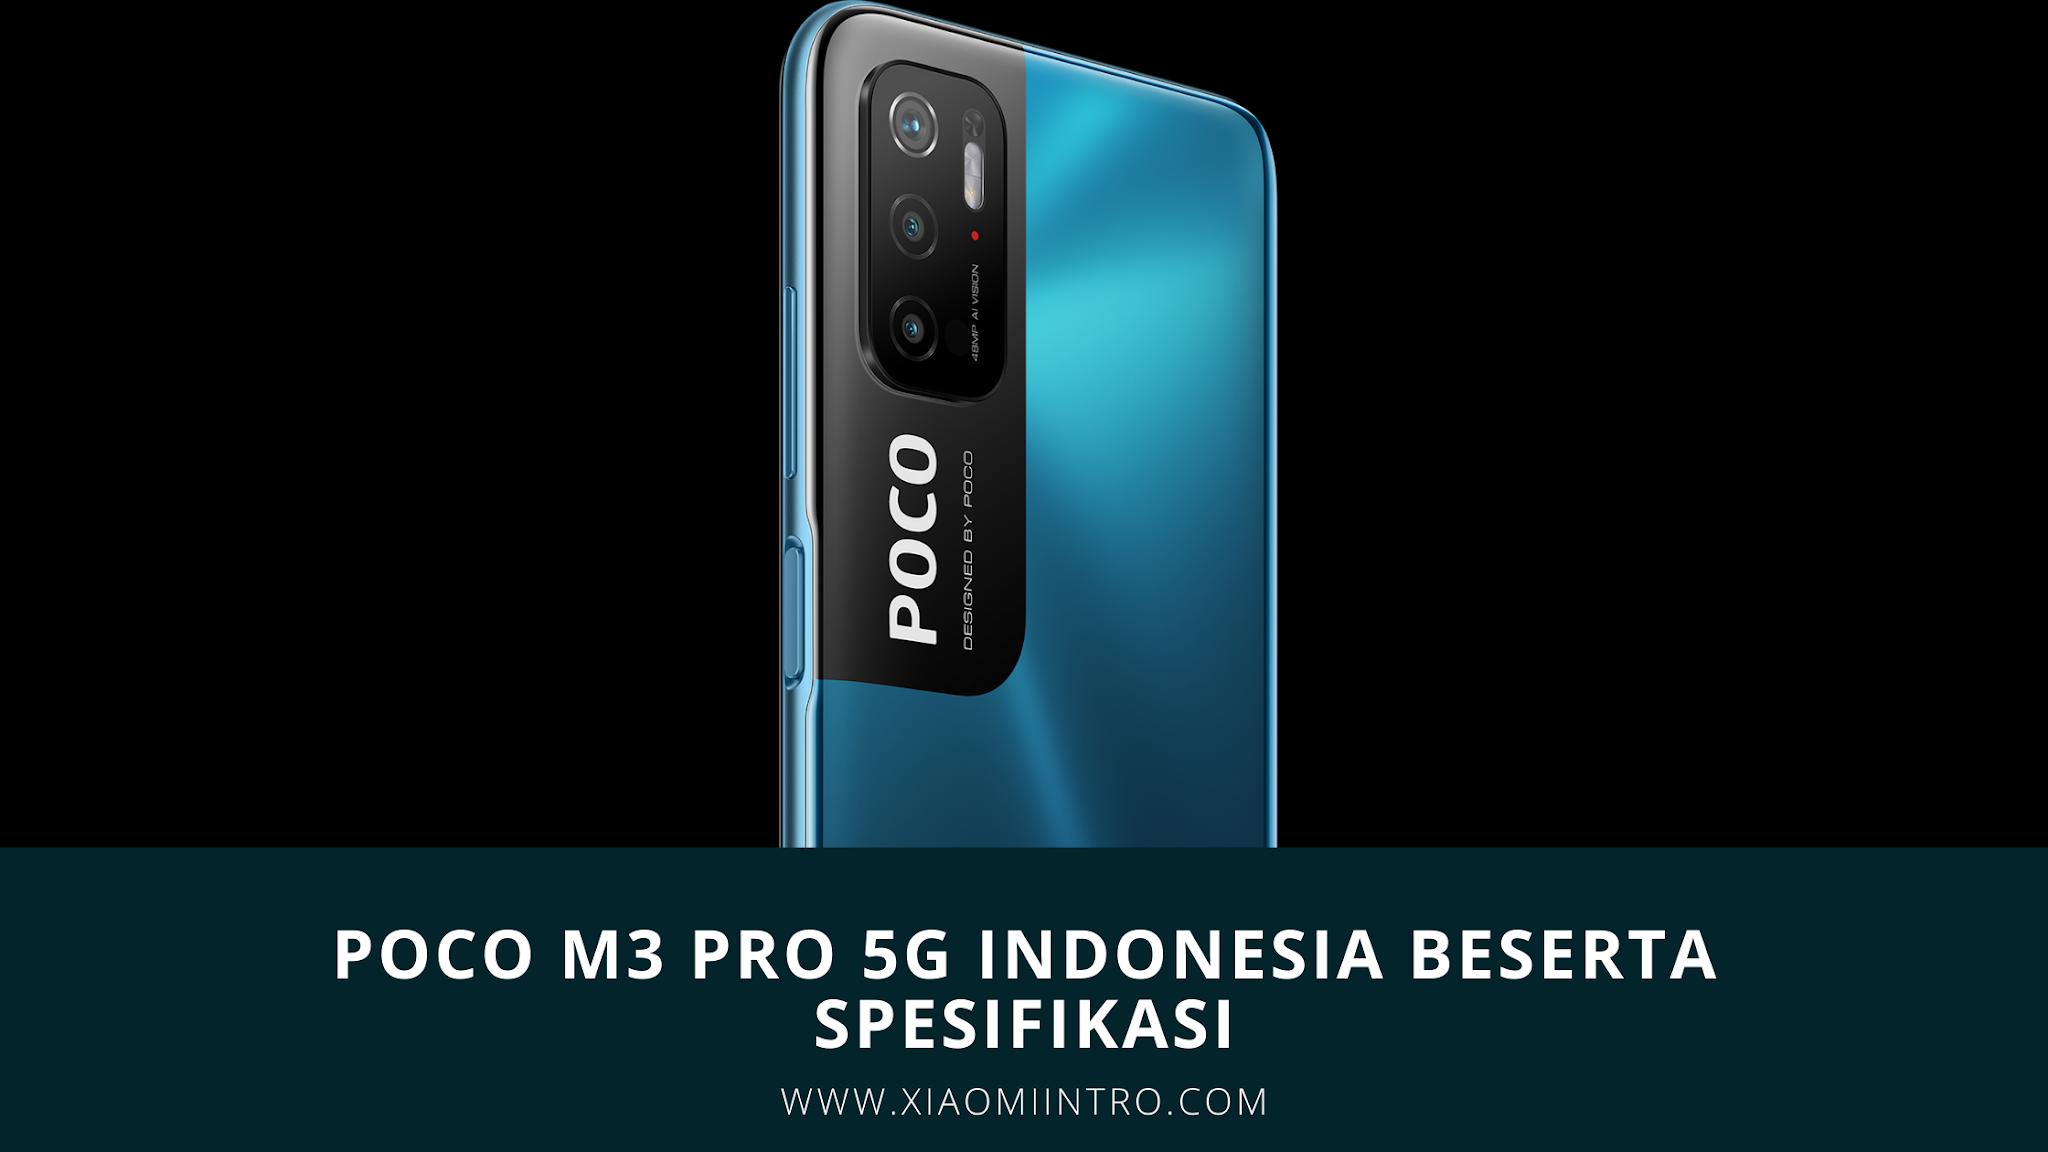 Poco M3 Pro 5G Indonesia Beserta Spesifikasi